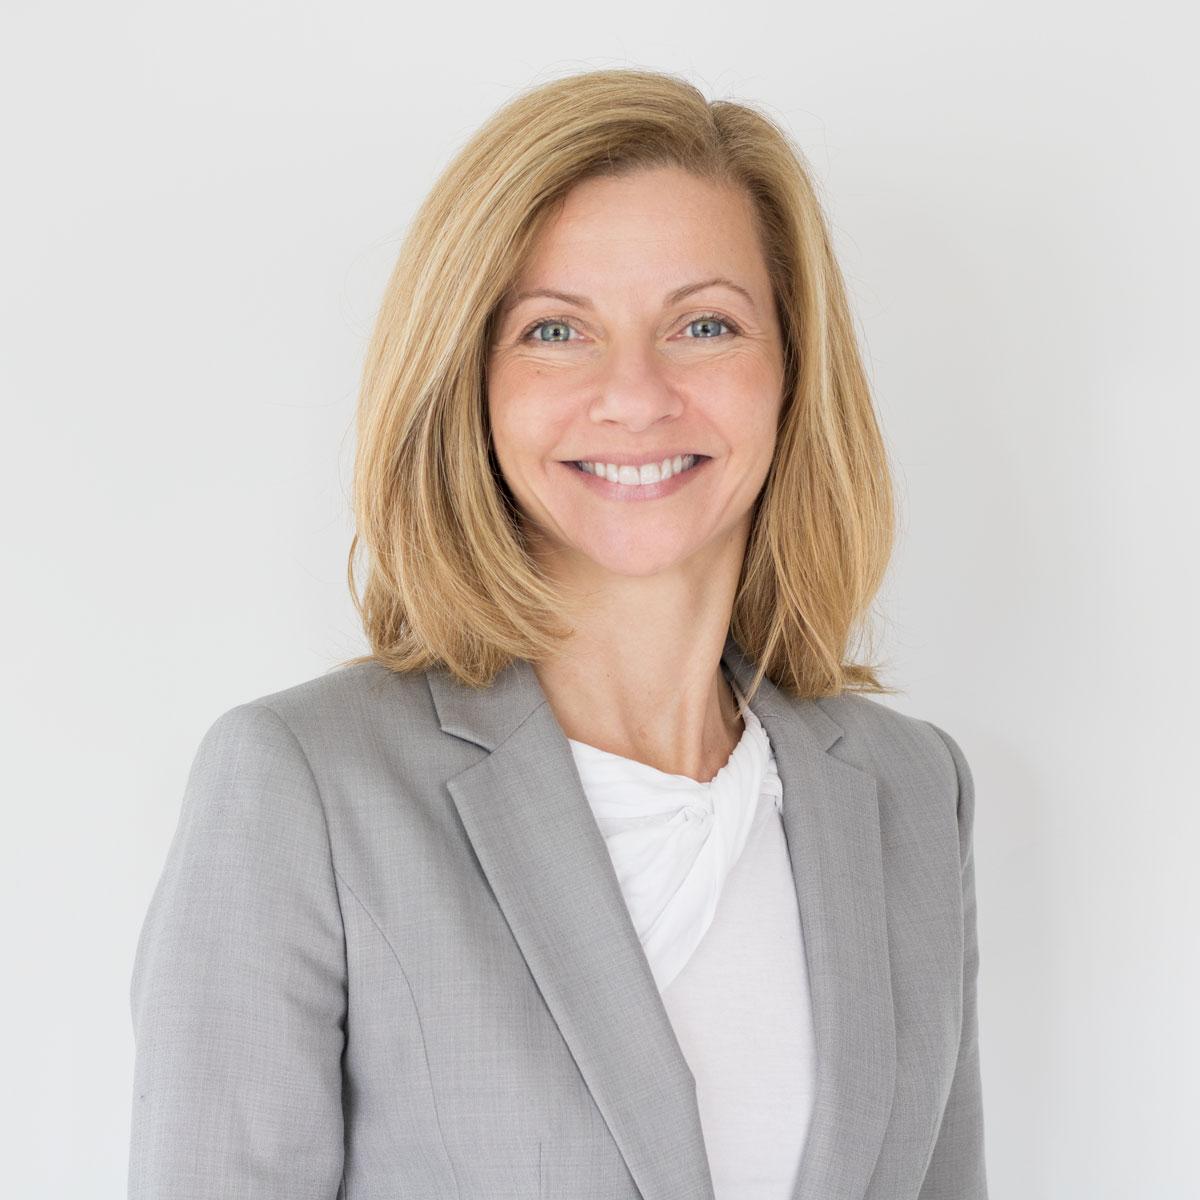 Susan Van Meter